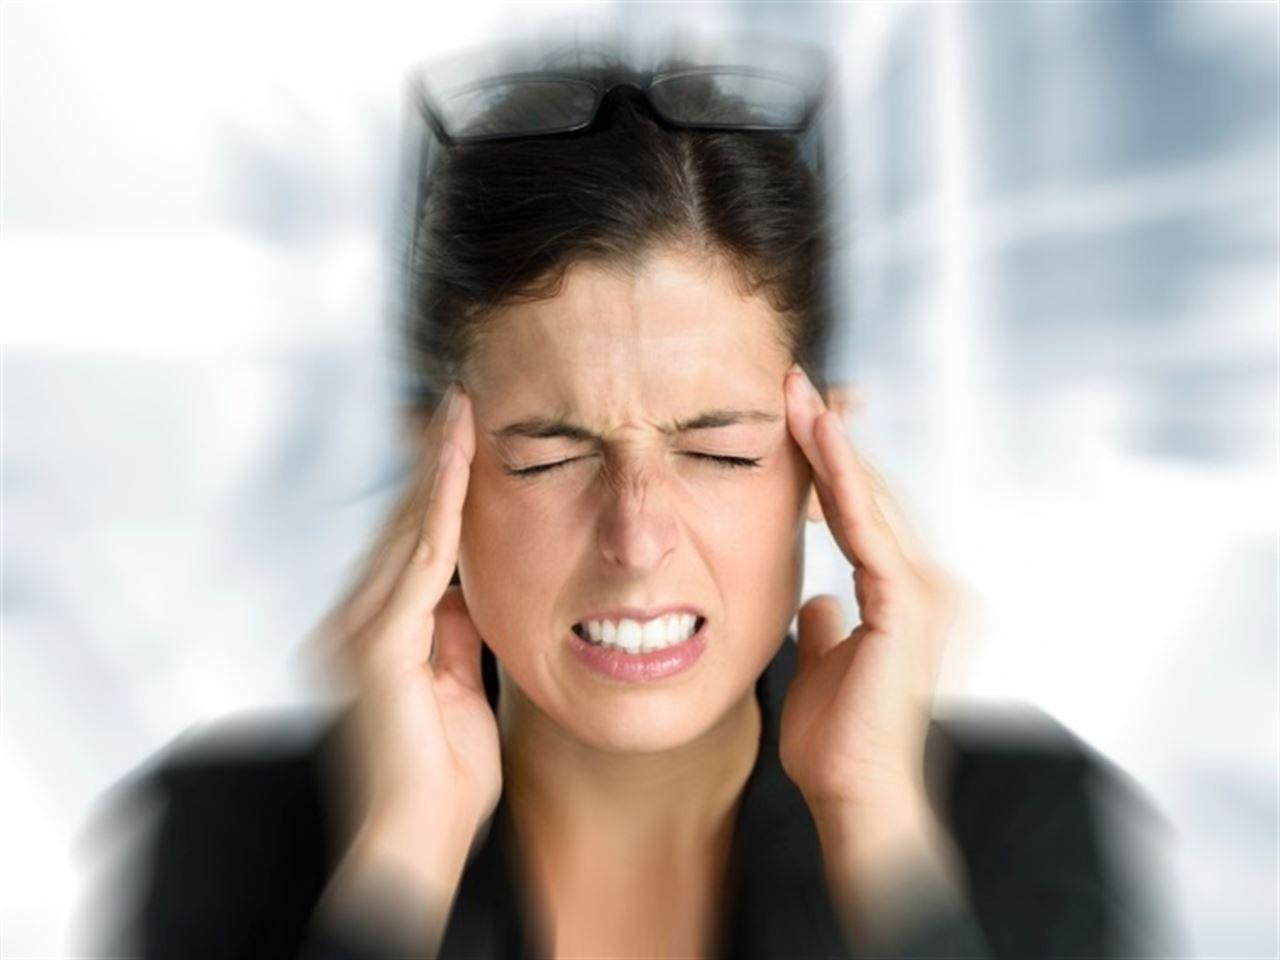 Nhận diện nhanh 5 dấu hiệu bệnh thiếu máu não điển hình - Ảnh 1.